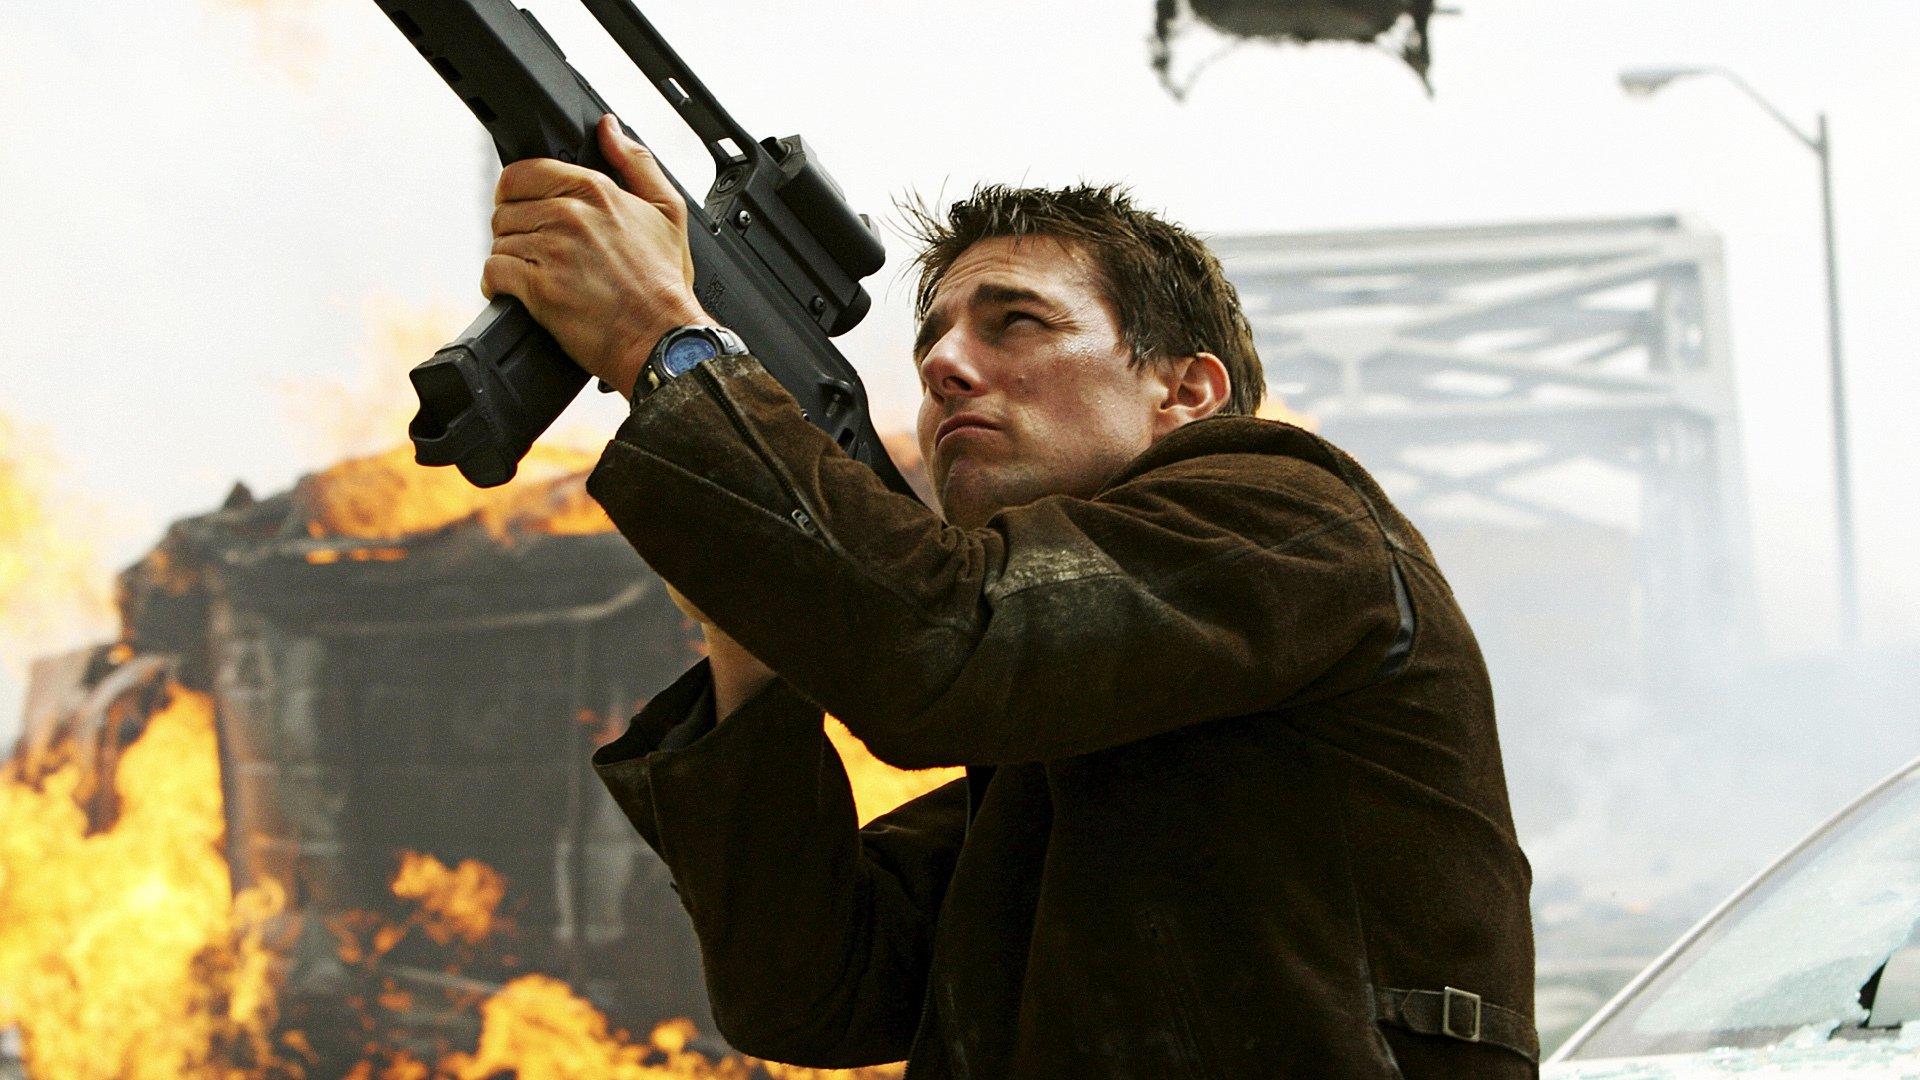 tom cruise dans Mission : impossible 3 (2006) de JJ Abrams